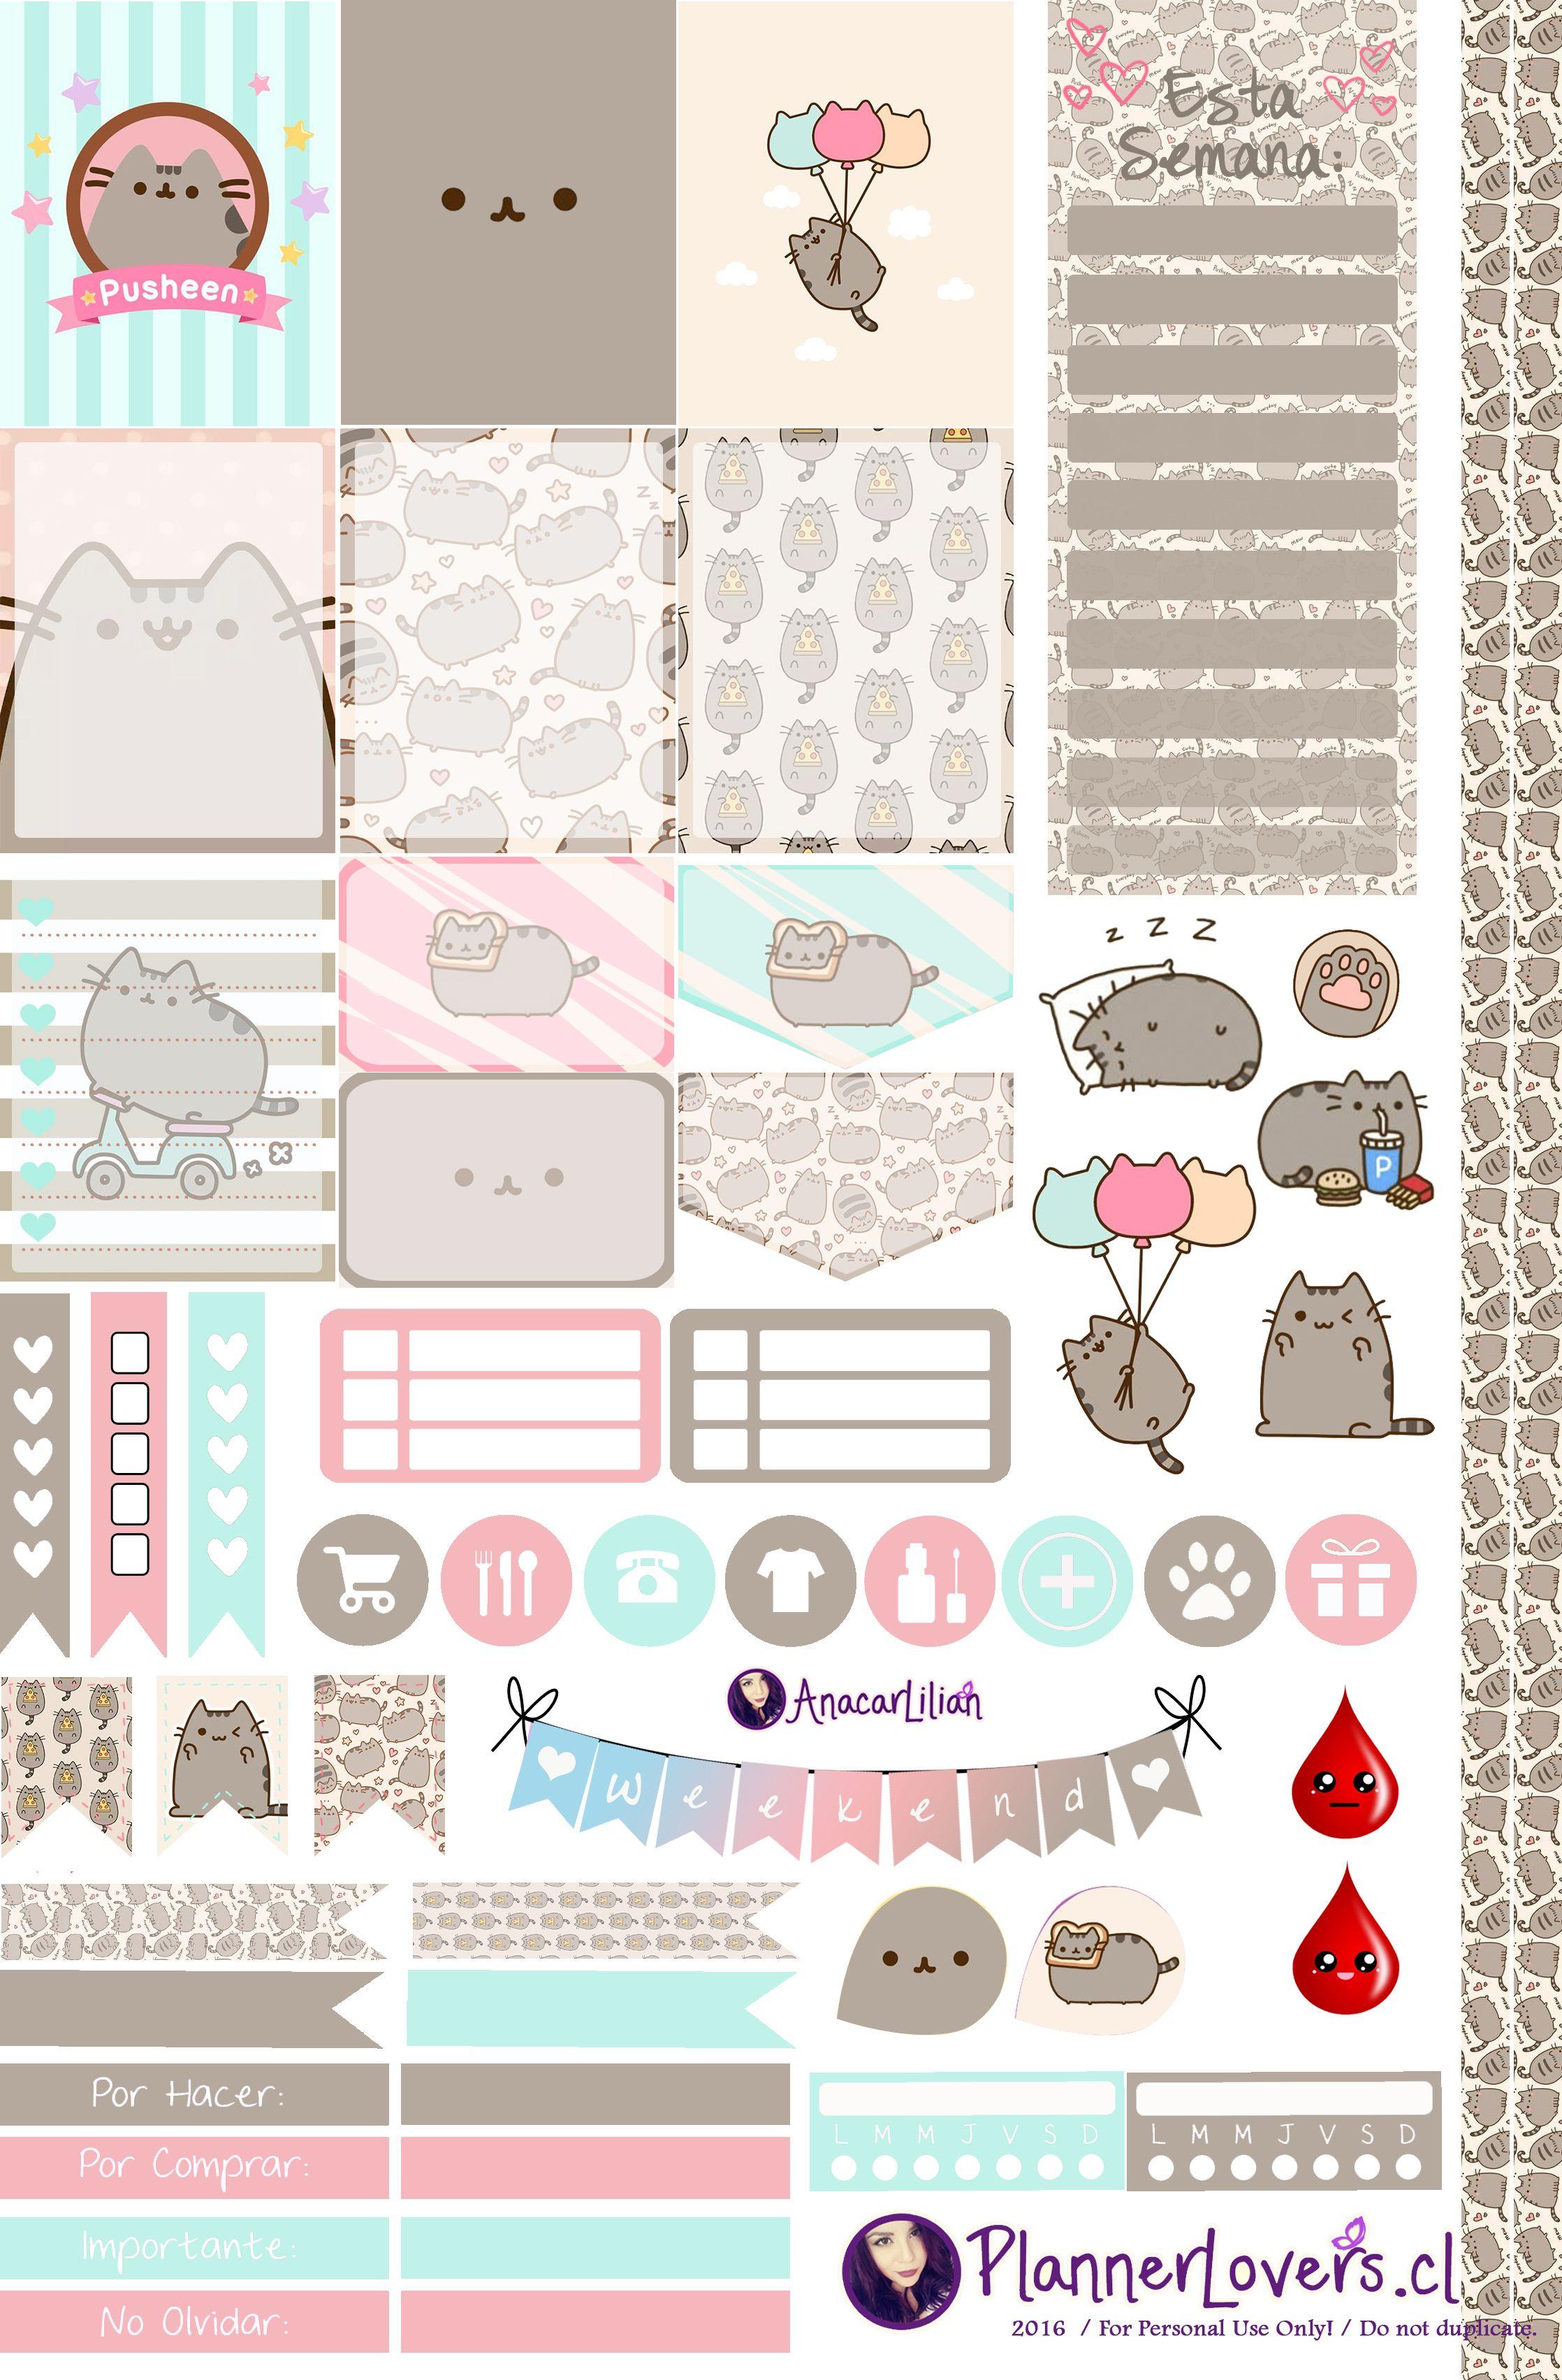 Pin de Claudia en Planner | Pinterest | Imprimibles, Pegatinas y ...